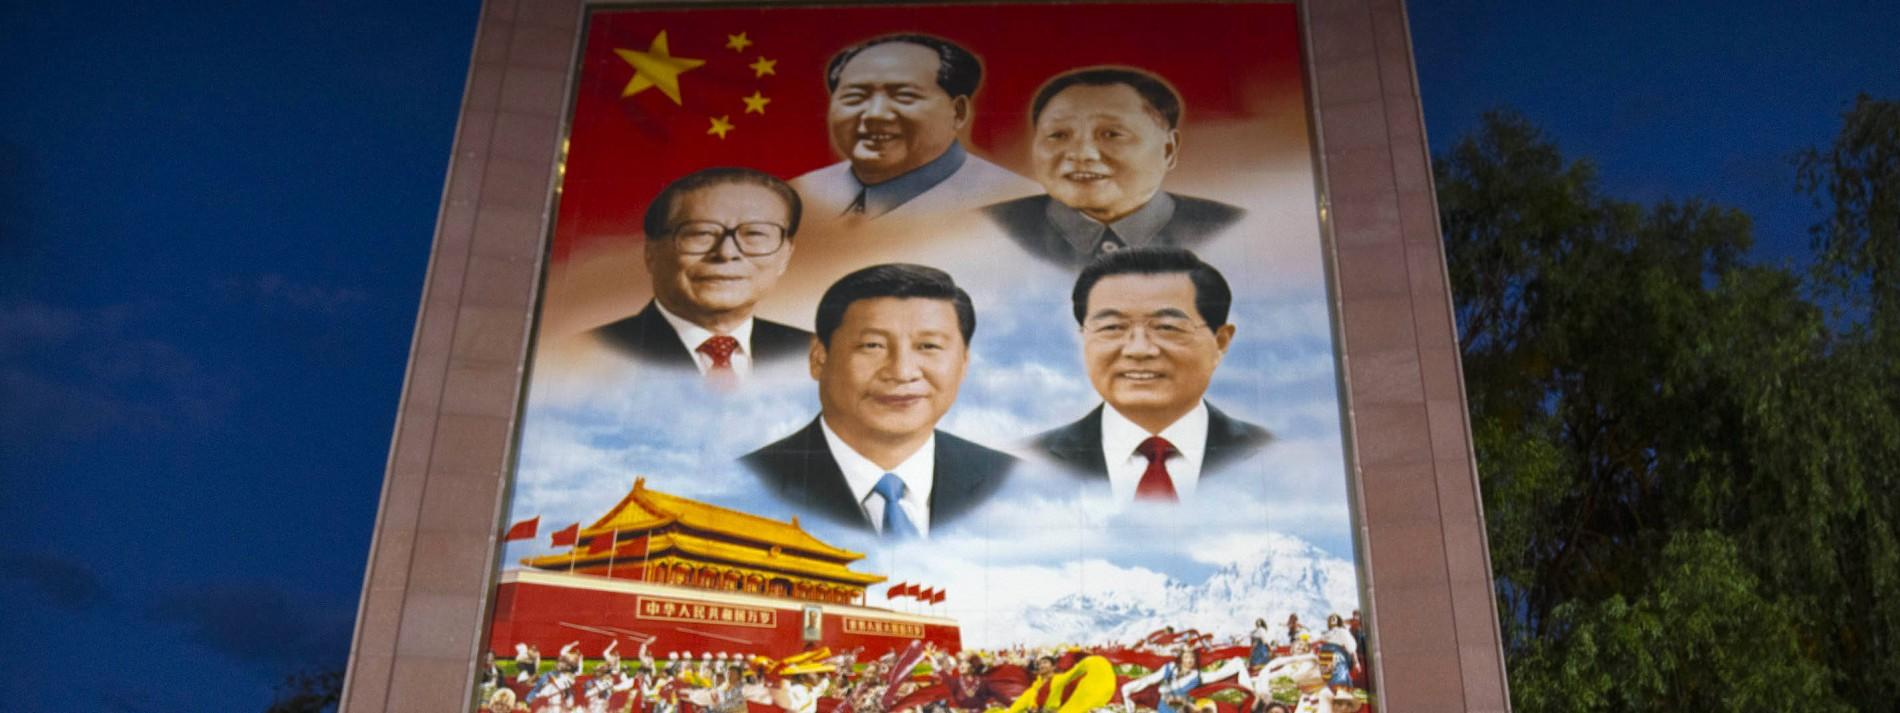 Xi Jinping reist zum ersten Mal in seiner Amtszeit nach Tibet